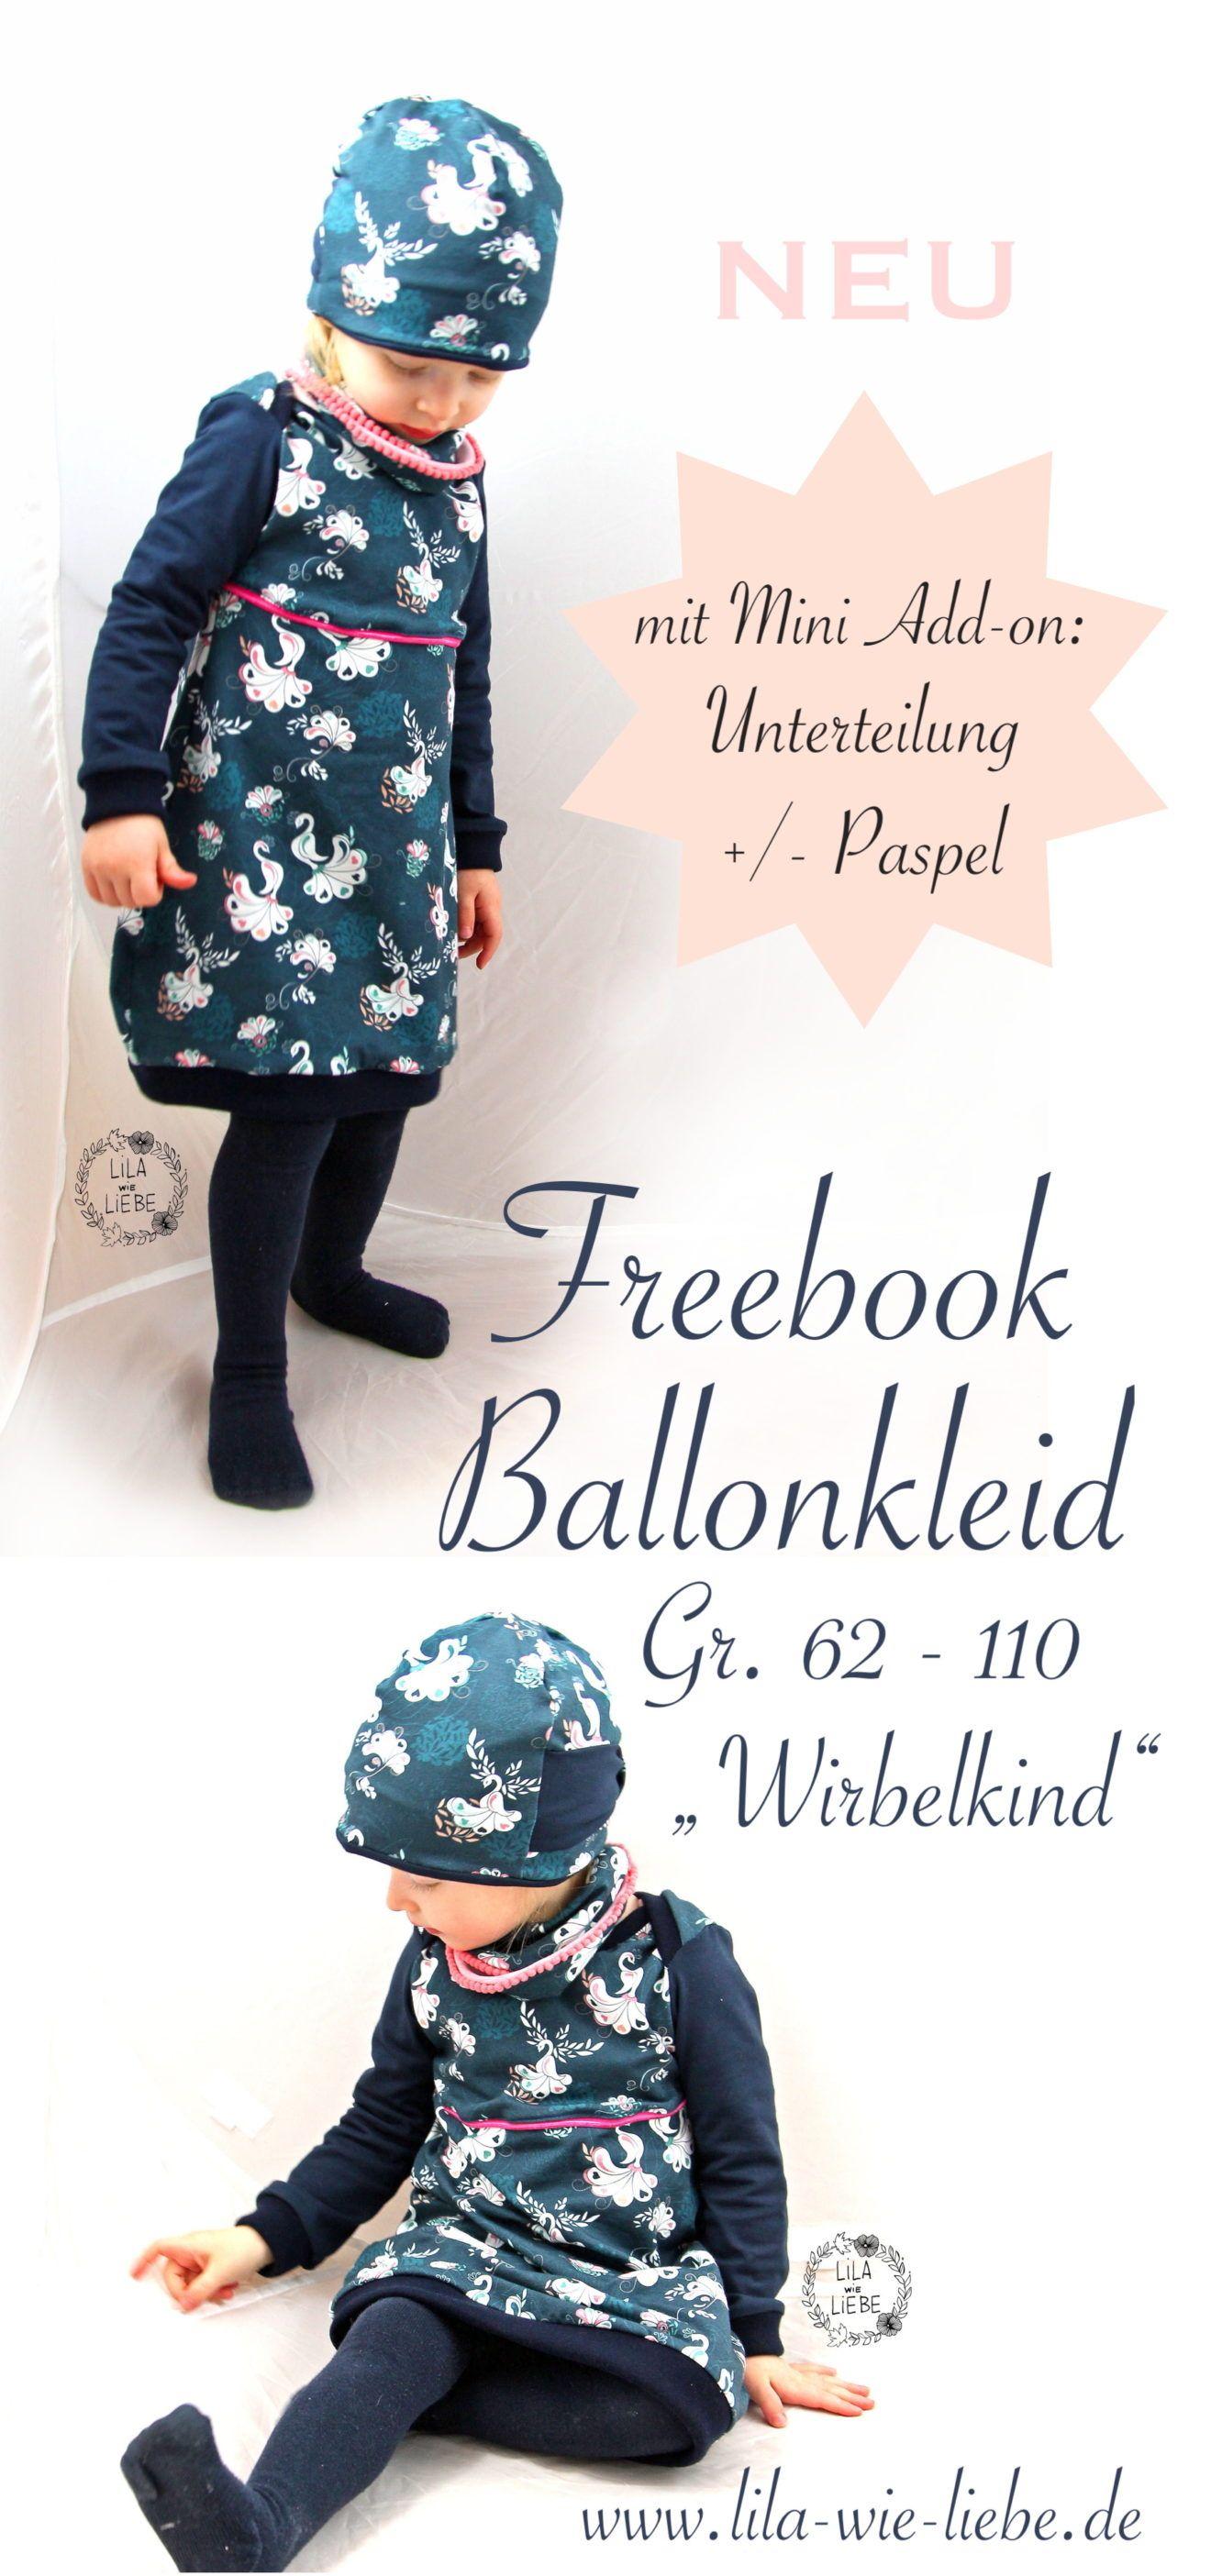 Ballonkleid für Kinder nähen - Freebook Wirbelkind Gr. 86-110 - Lila wie Liebe #strickenundnähen